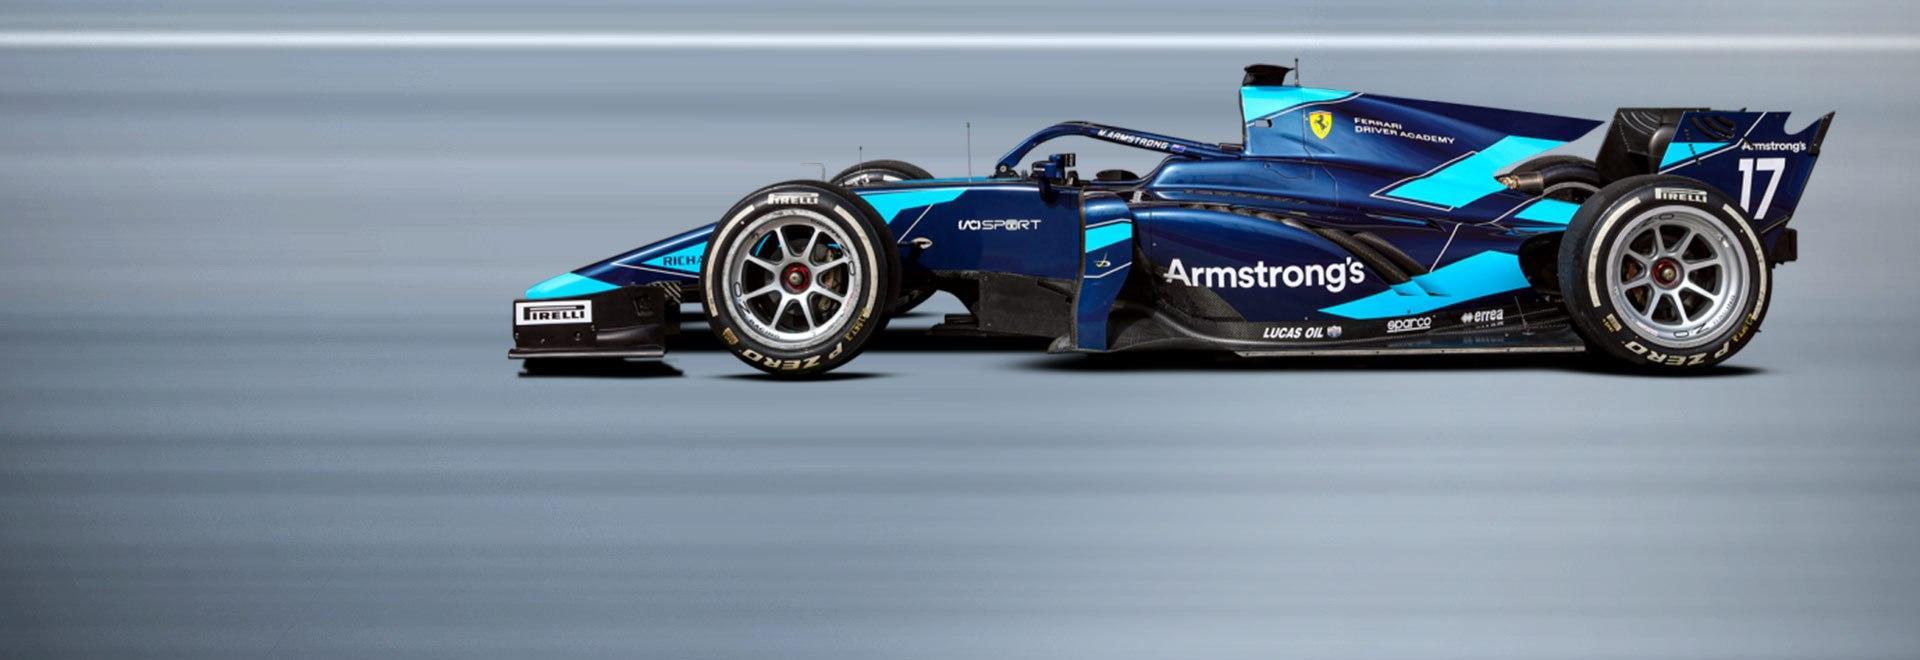 GP Bahrain. Sprint Race 2